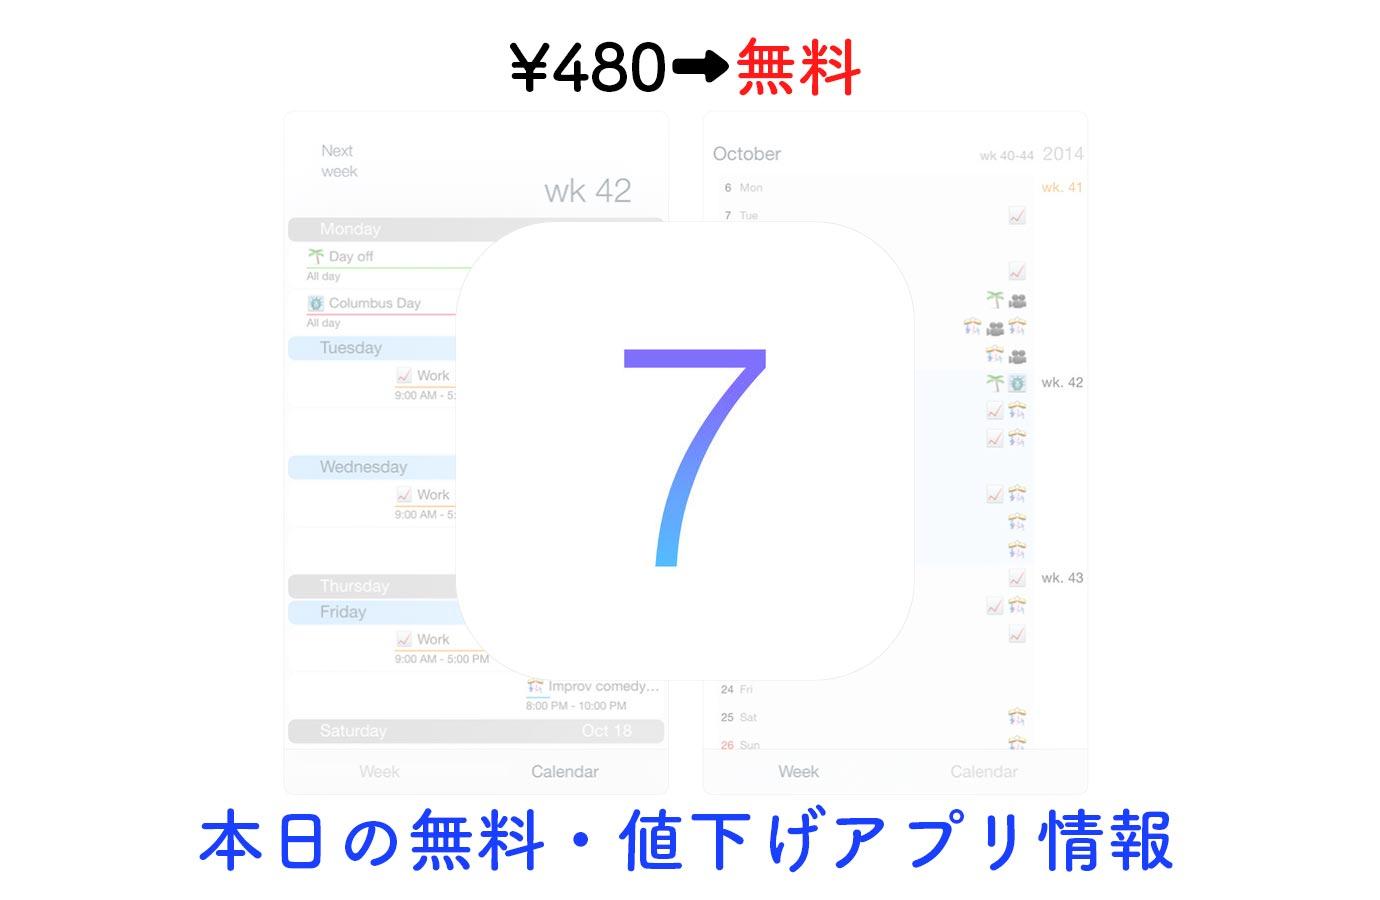 ¥480→無料、シンプルで見やすい週間カレンダーアプリ「Week calendar」など【2/20】本日の無料・値下げアプリ情報